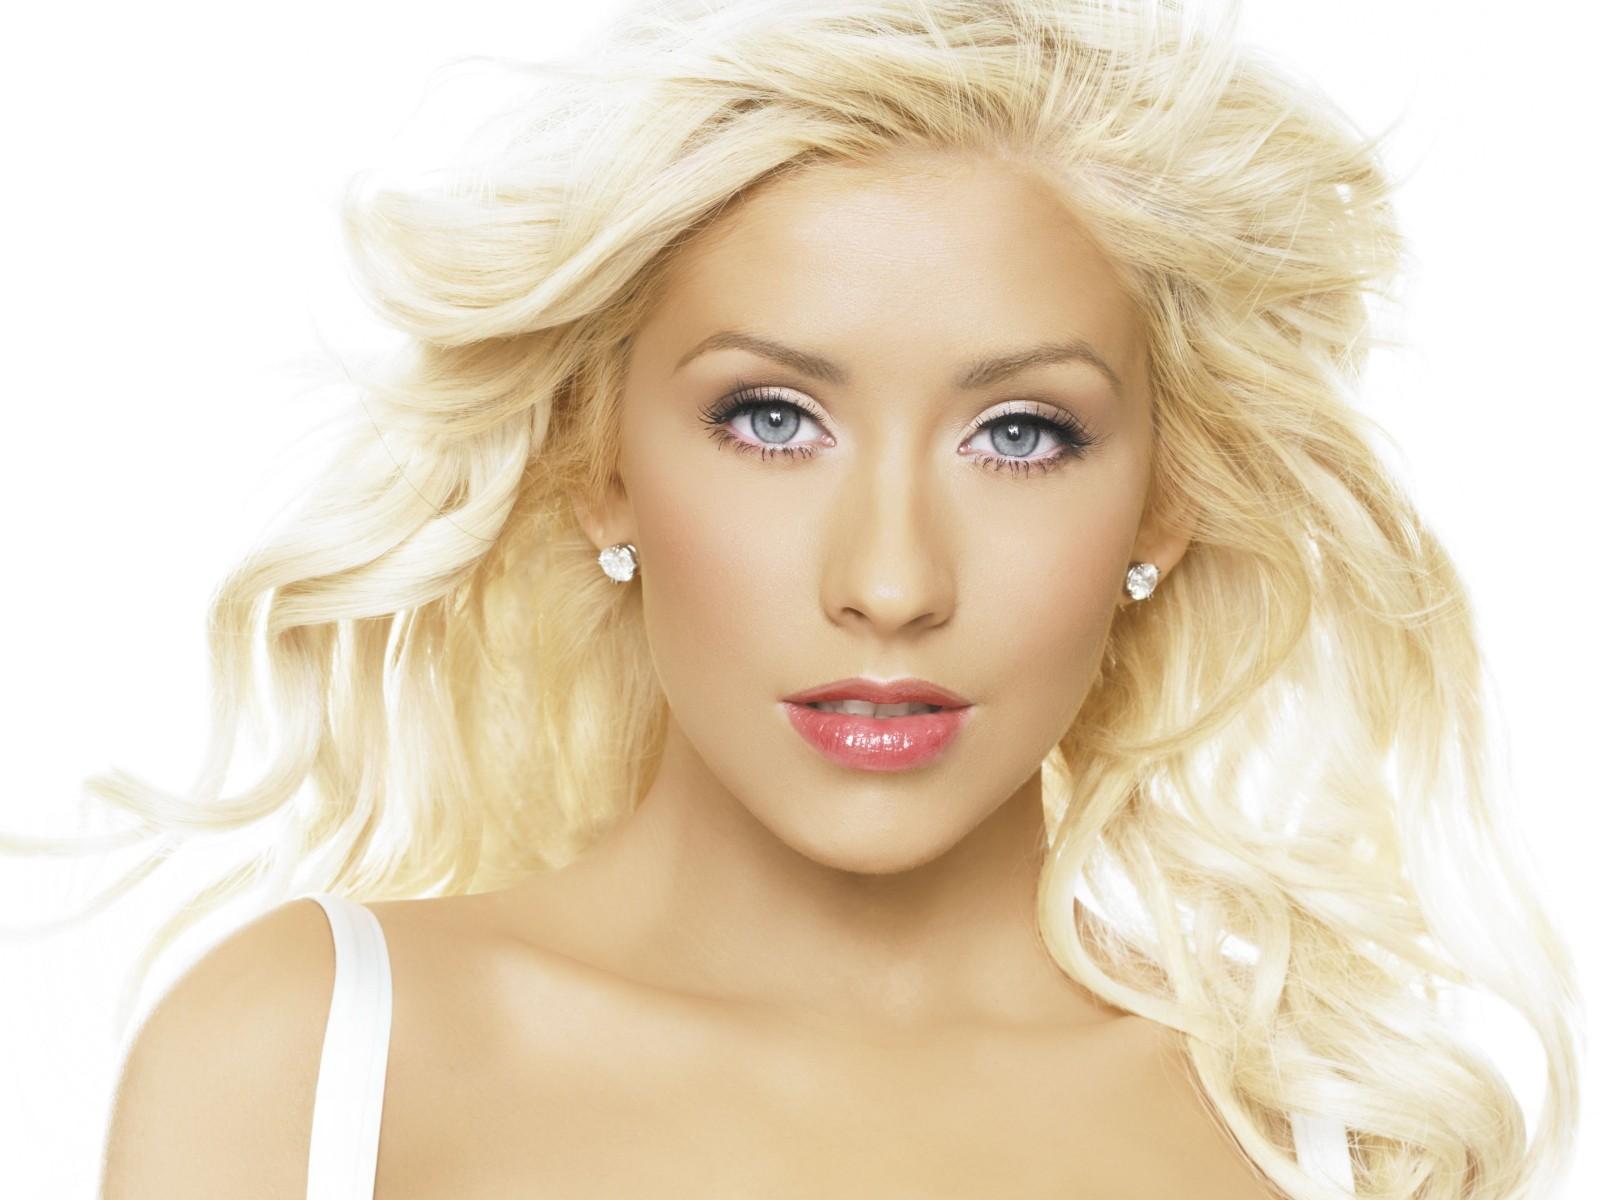 http://3.bp.blogspot.com/-FRsdSl4rB7I/Td8KXjLTFVI/AAAAAAAAB68/ibFGYzfM-r4/s1600/Christina_Aguilera_-_Beautiful.jpg